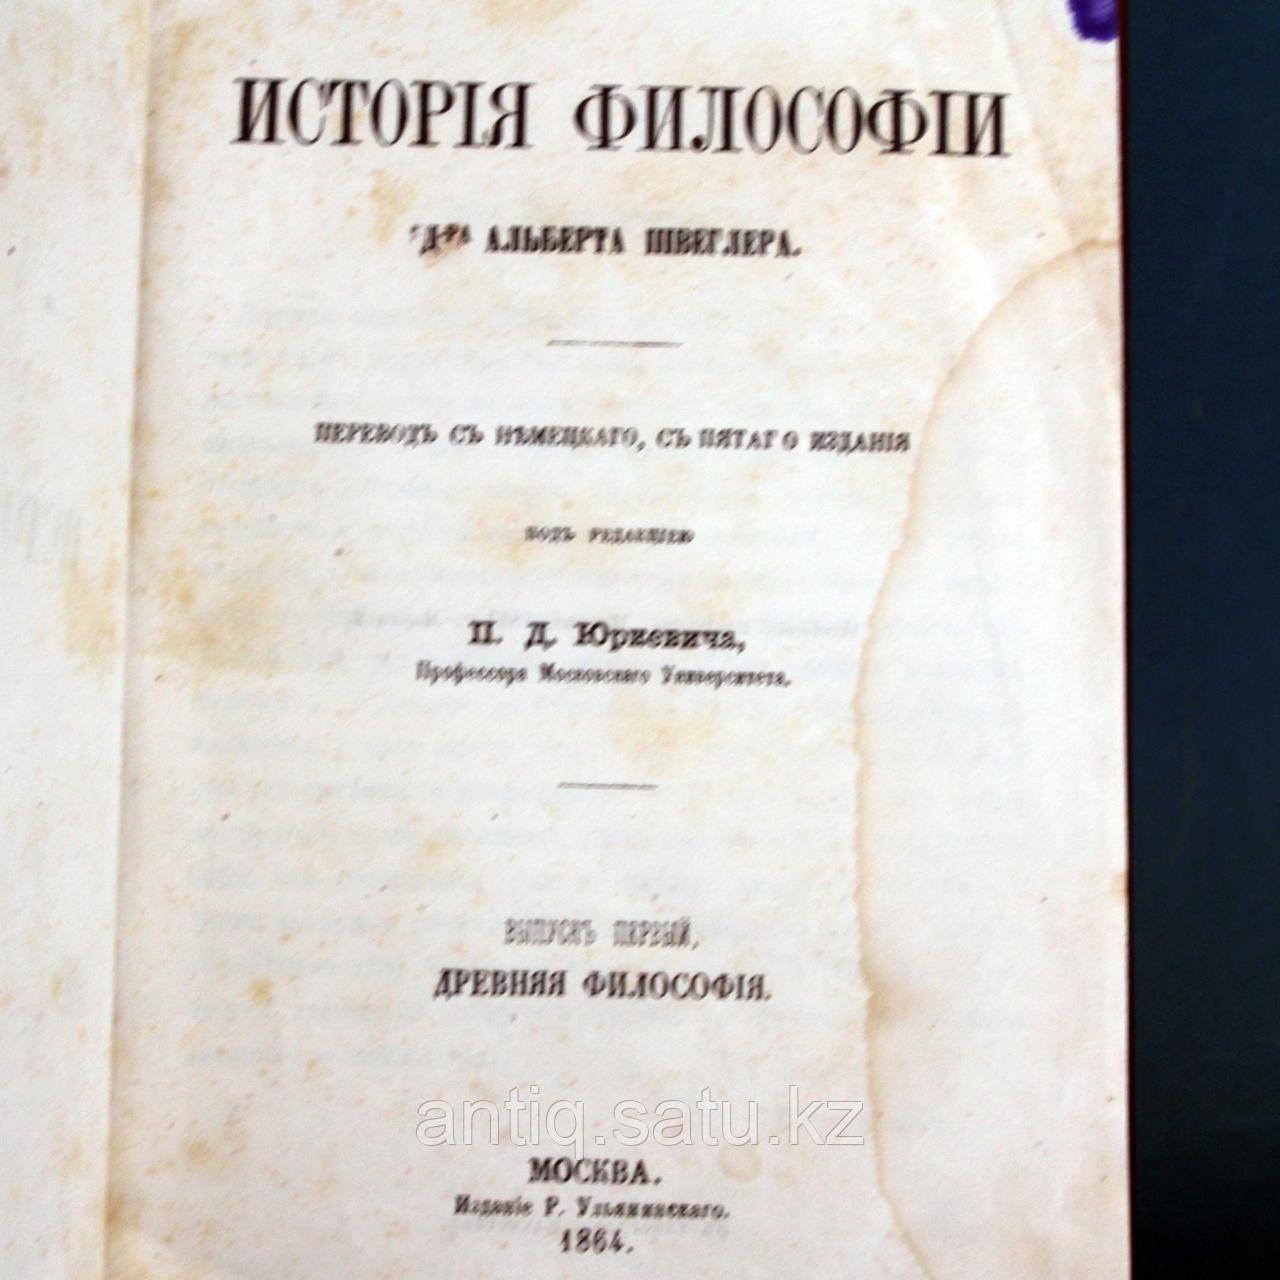 История Философии. Книга- автор Альберт Швеглер. Москва 1864 год - фото 2